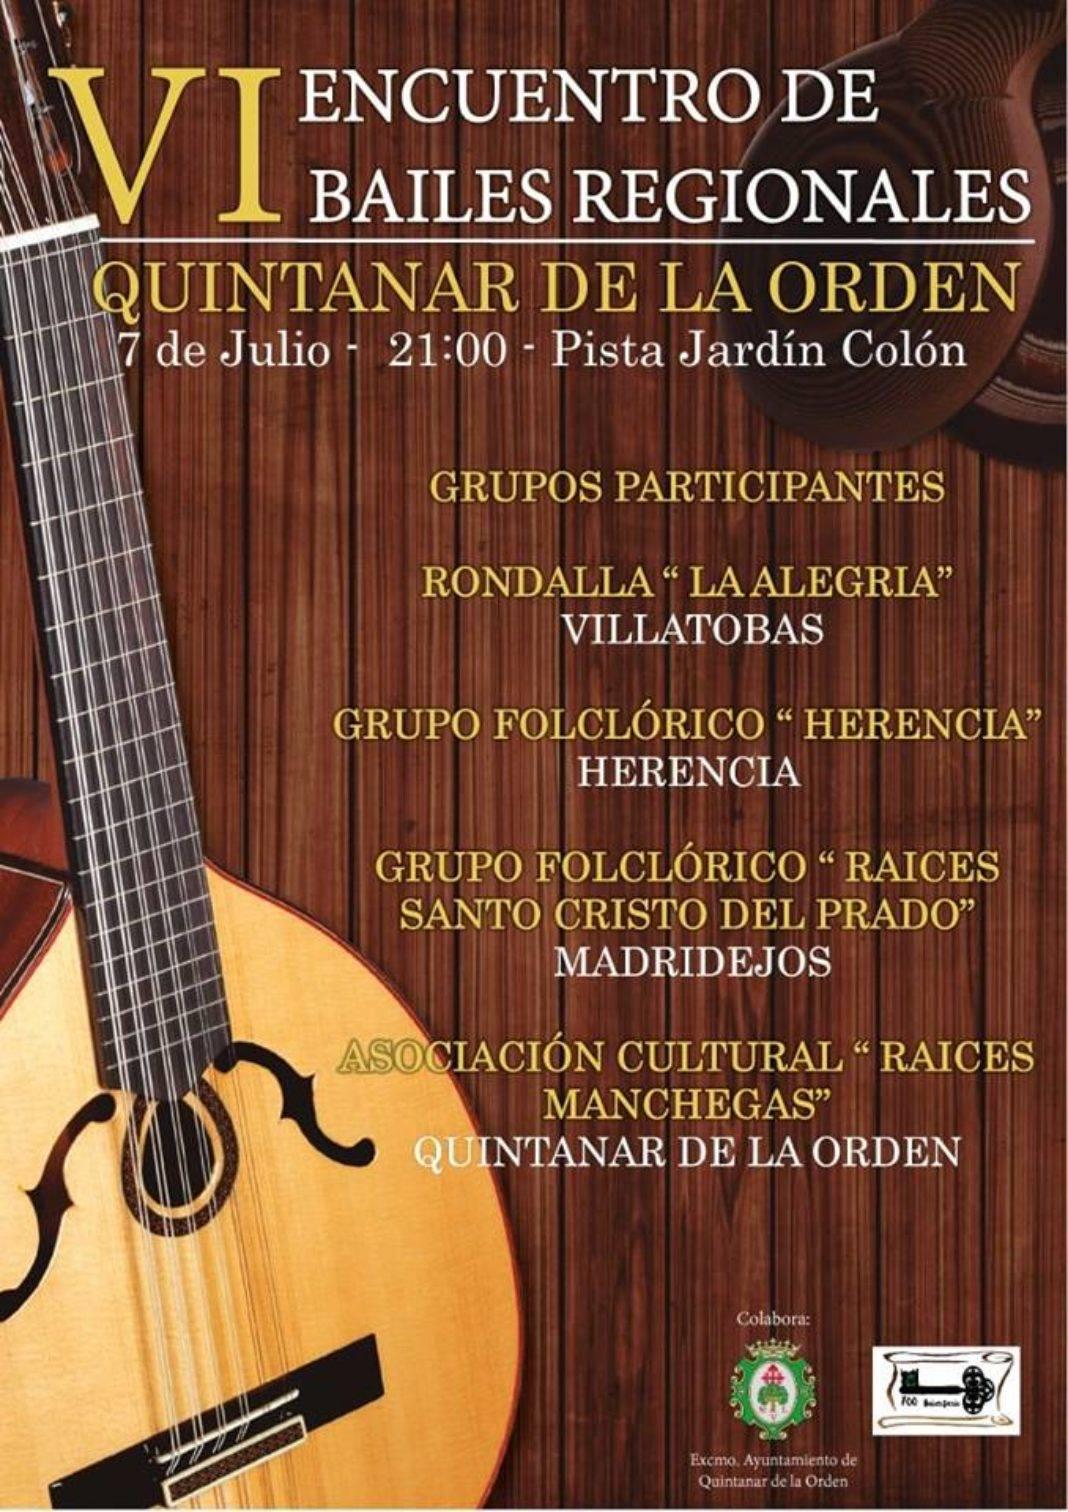 """El grupo folclórico """"Herencia"""" participa del VI Encuentro de bailes Regionales de Quintanar de la Orden 2"""